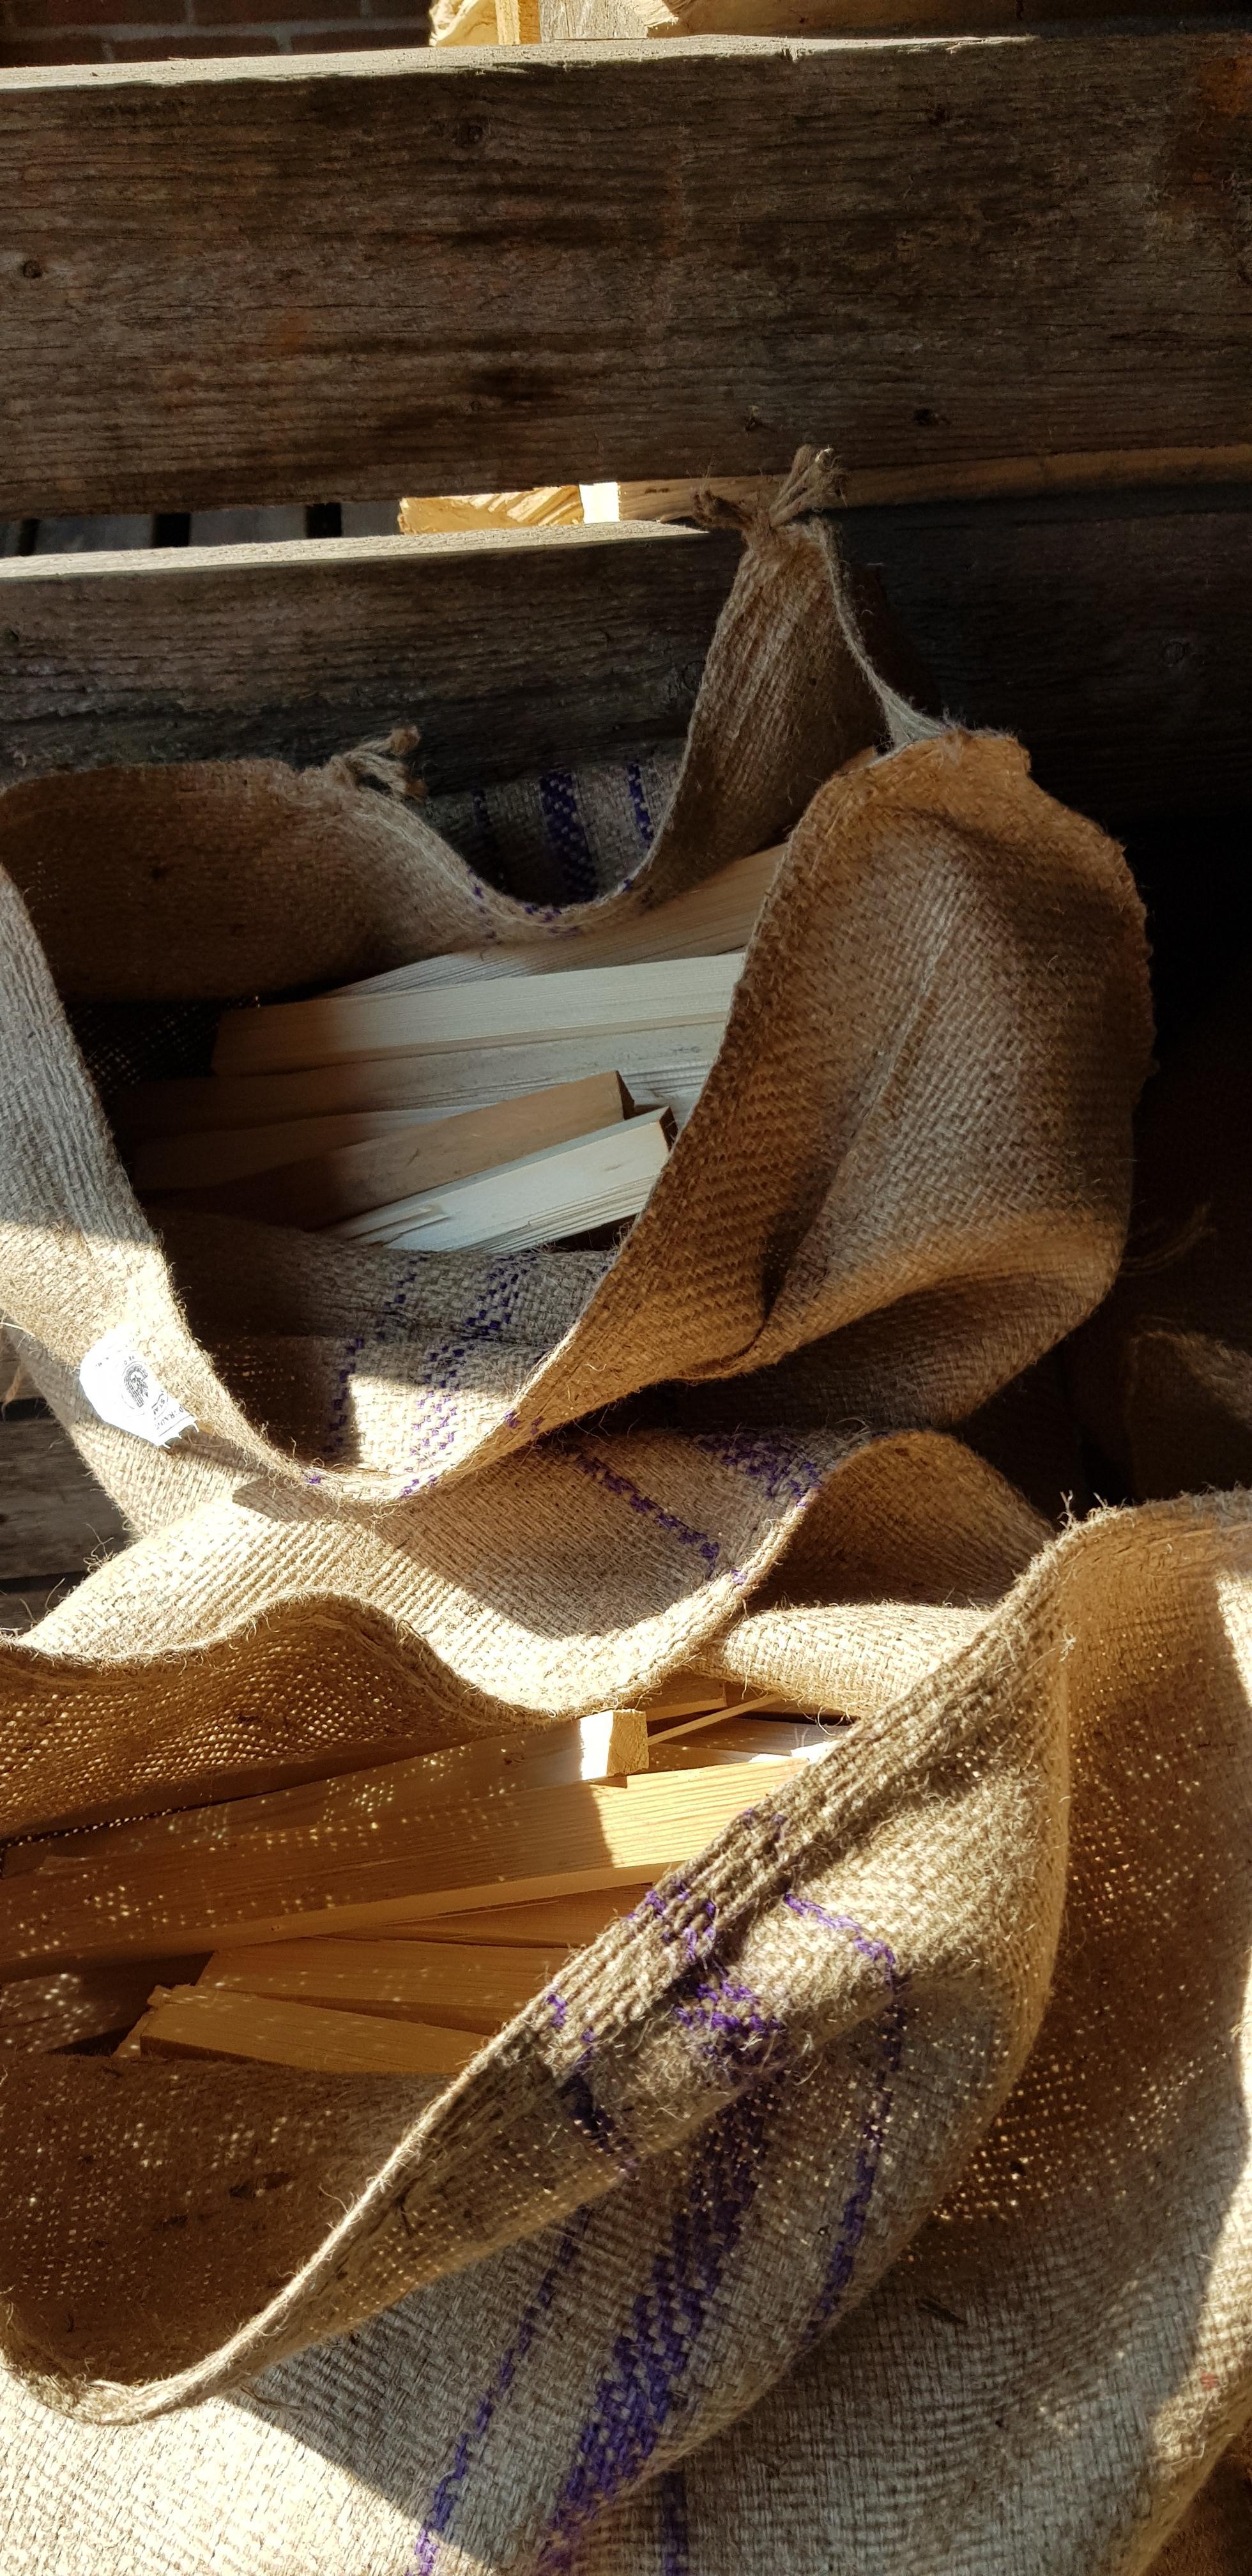 Jute zakken 67 x 112 cm extra zware kwaliteit gebruik: Jute zakken 67 x 112 cm extra zware kwaliteit